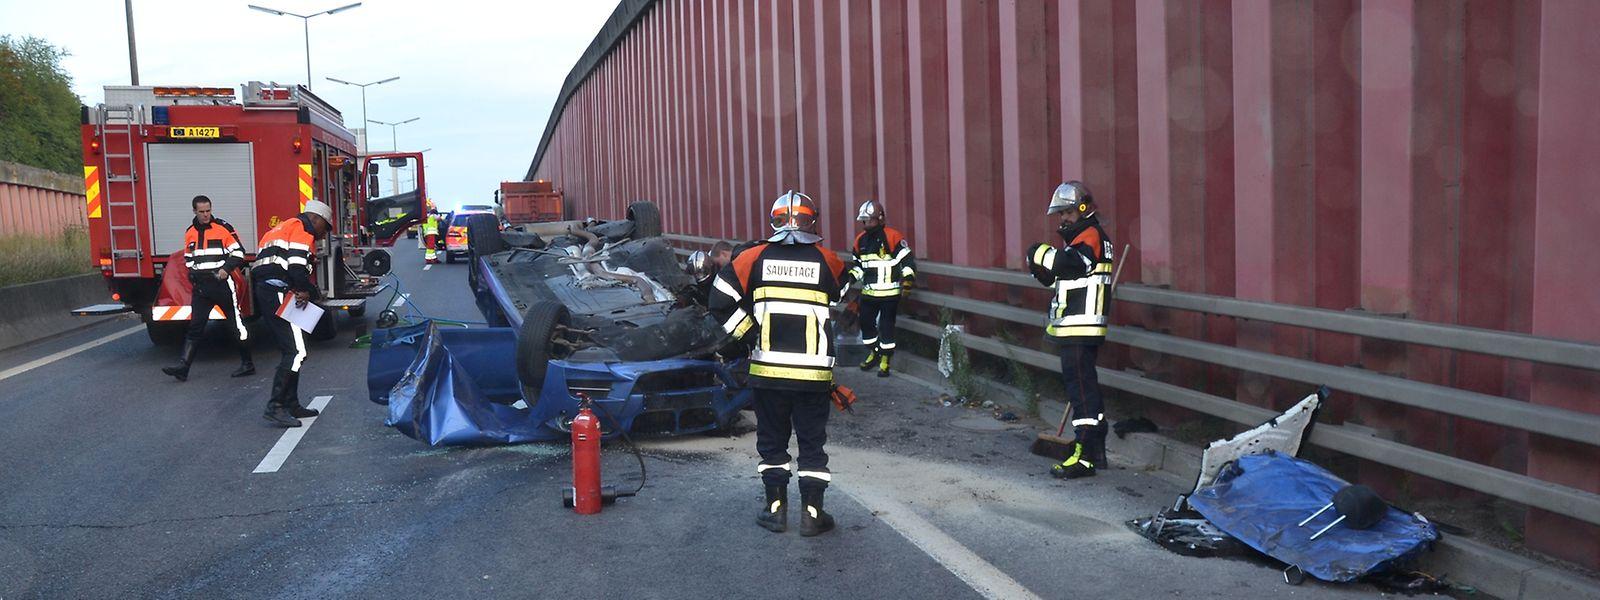 Vier Insassen wurden bei dem Unfall auf der A13 verletzt.